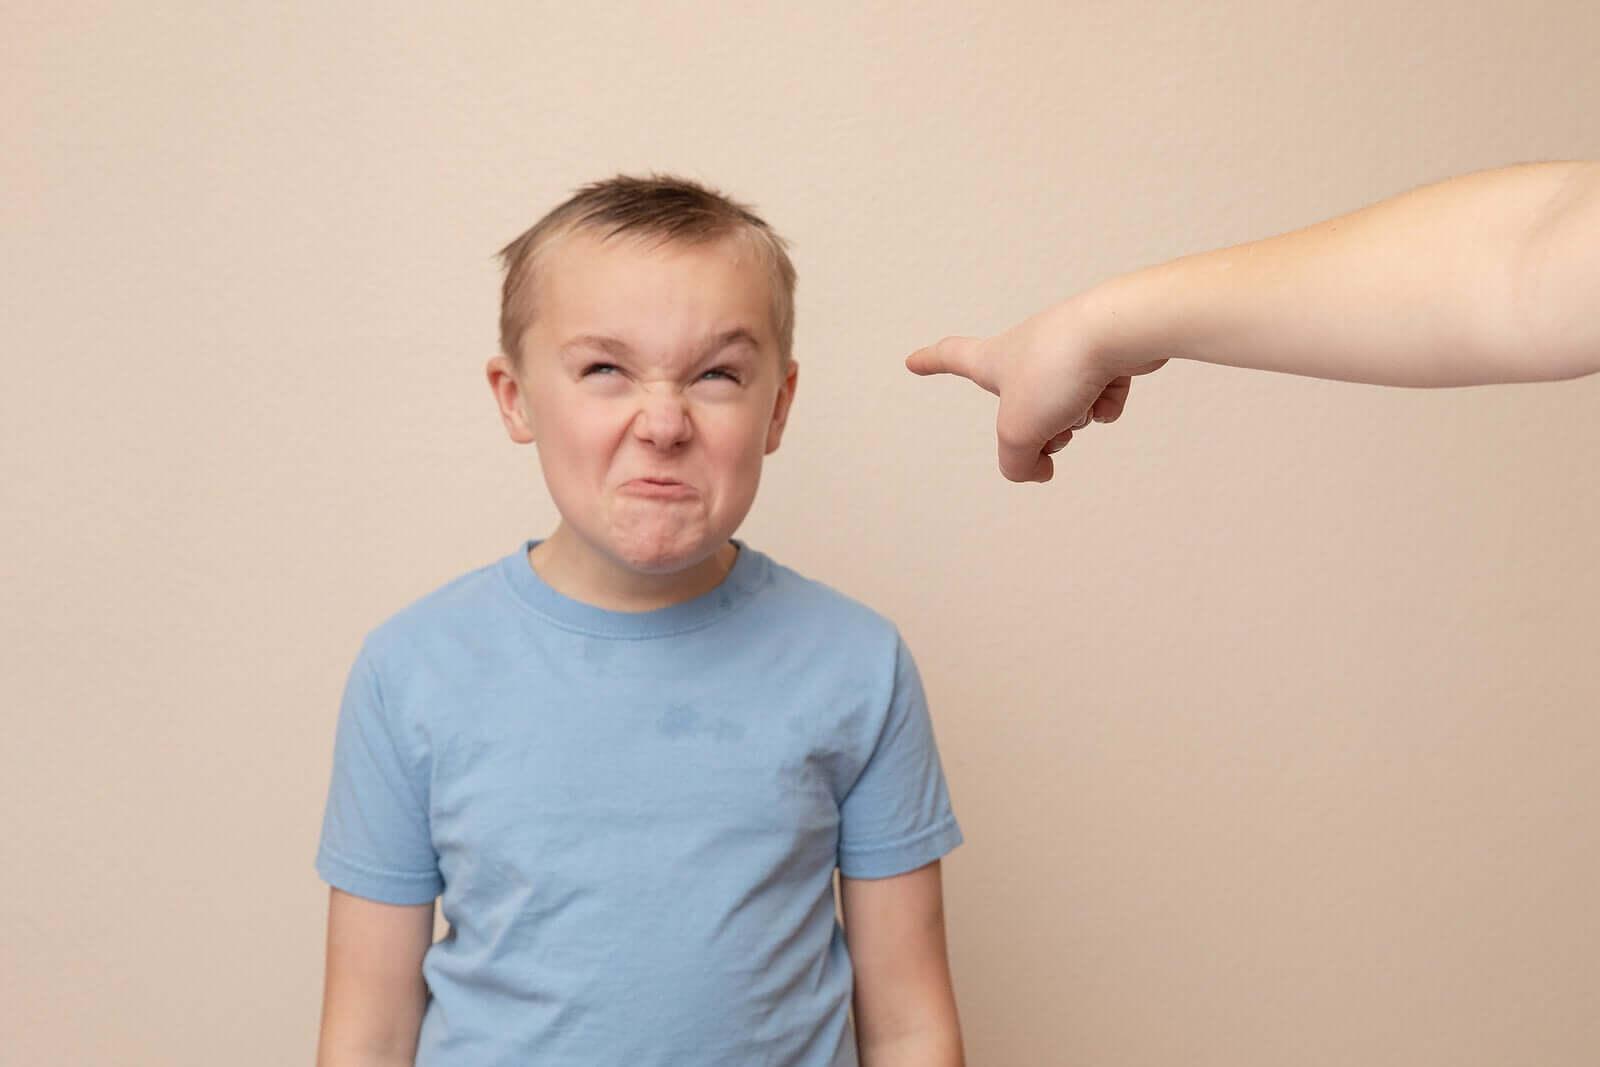 kızgın ve kötü davranan bir çocuk